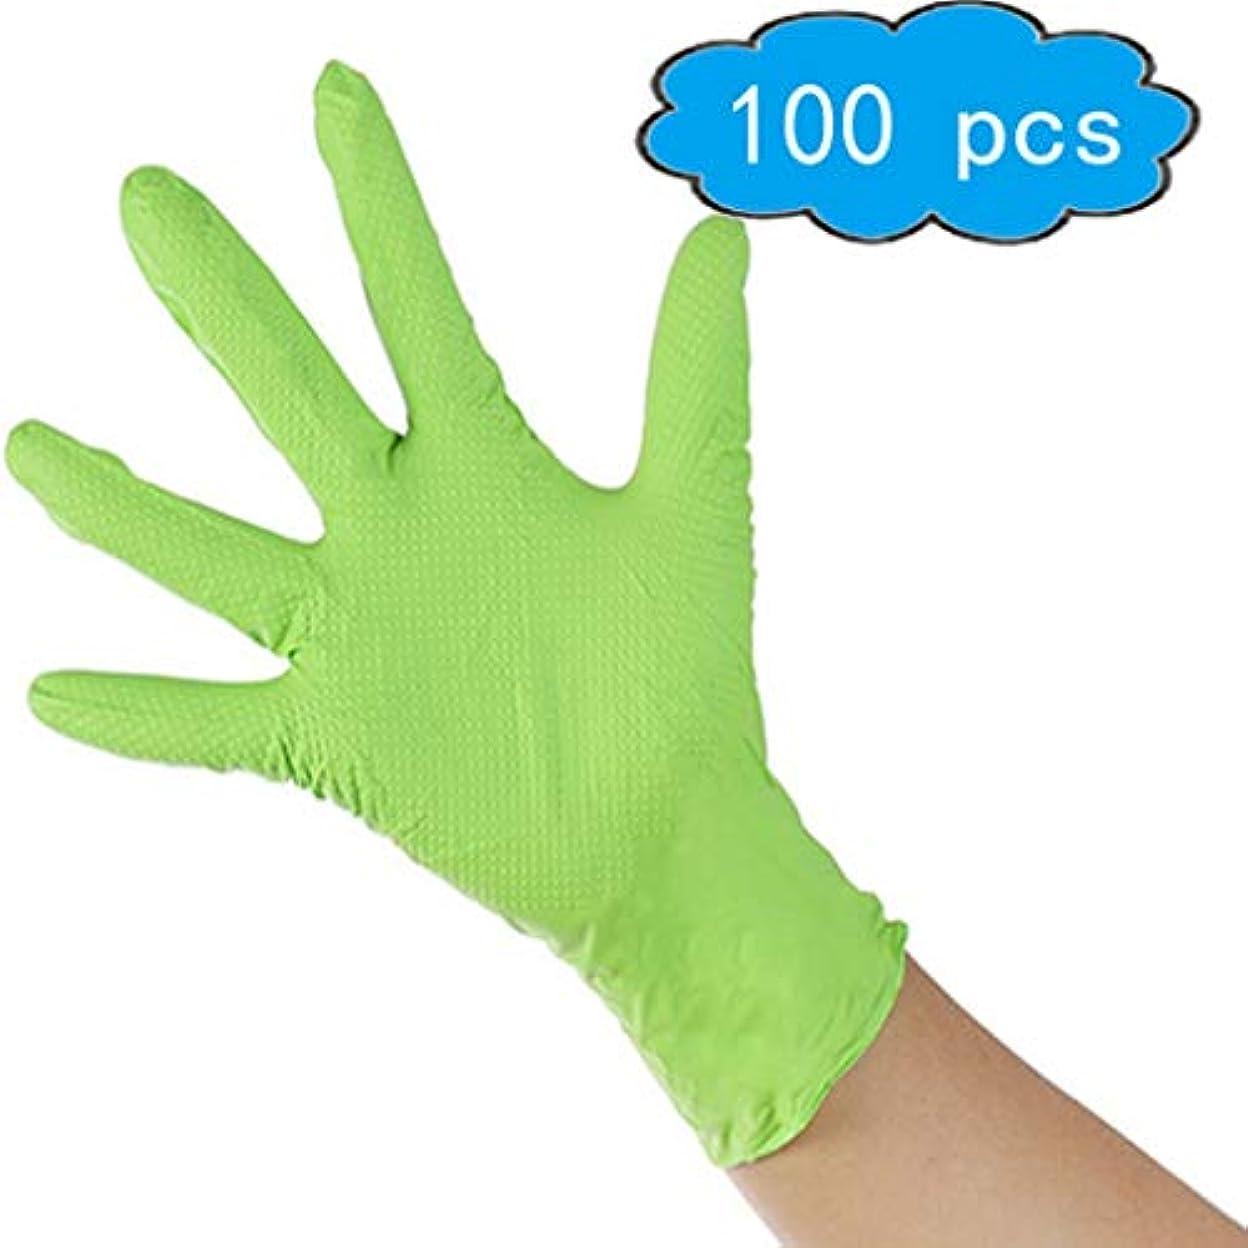 どれ予想する火使い捨てゴム手袋-5ミル、工業用、極厚、パウダーフリー、両手利き、オレンジ、ミディアム、100個入りの箱、滑り止めの掌紋、耐摩耗性と耐久性のある機械式ハードウェアゴム手袋 (Color : Green, Size : L)